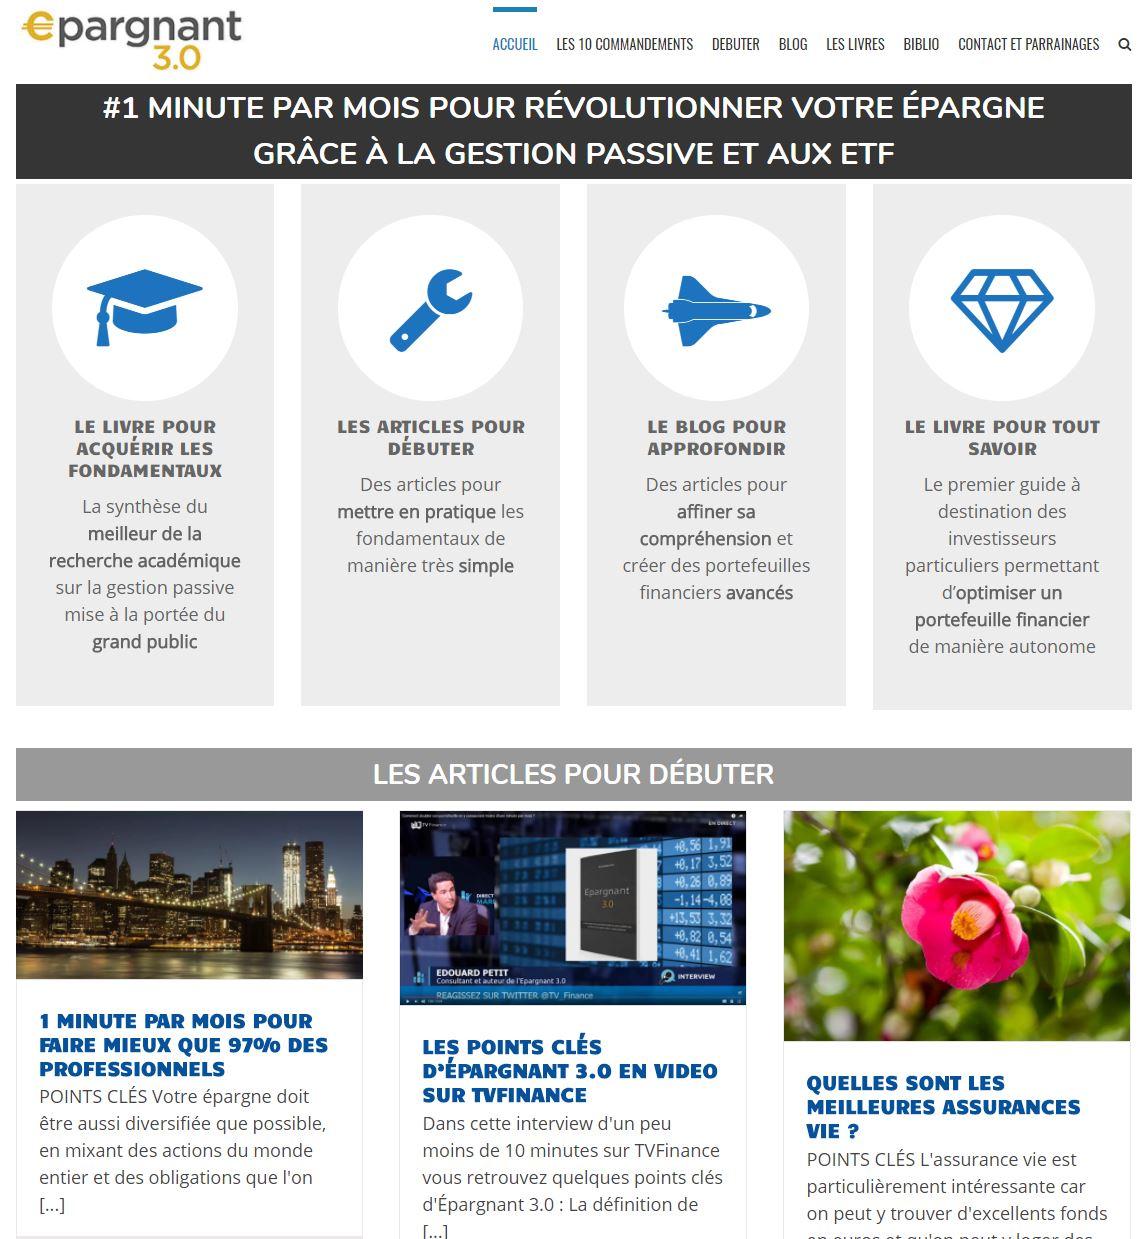 Epargnant 3.0 : blog ETF